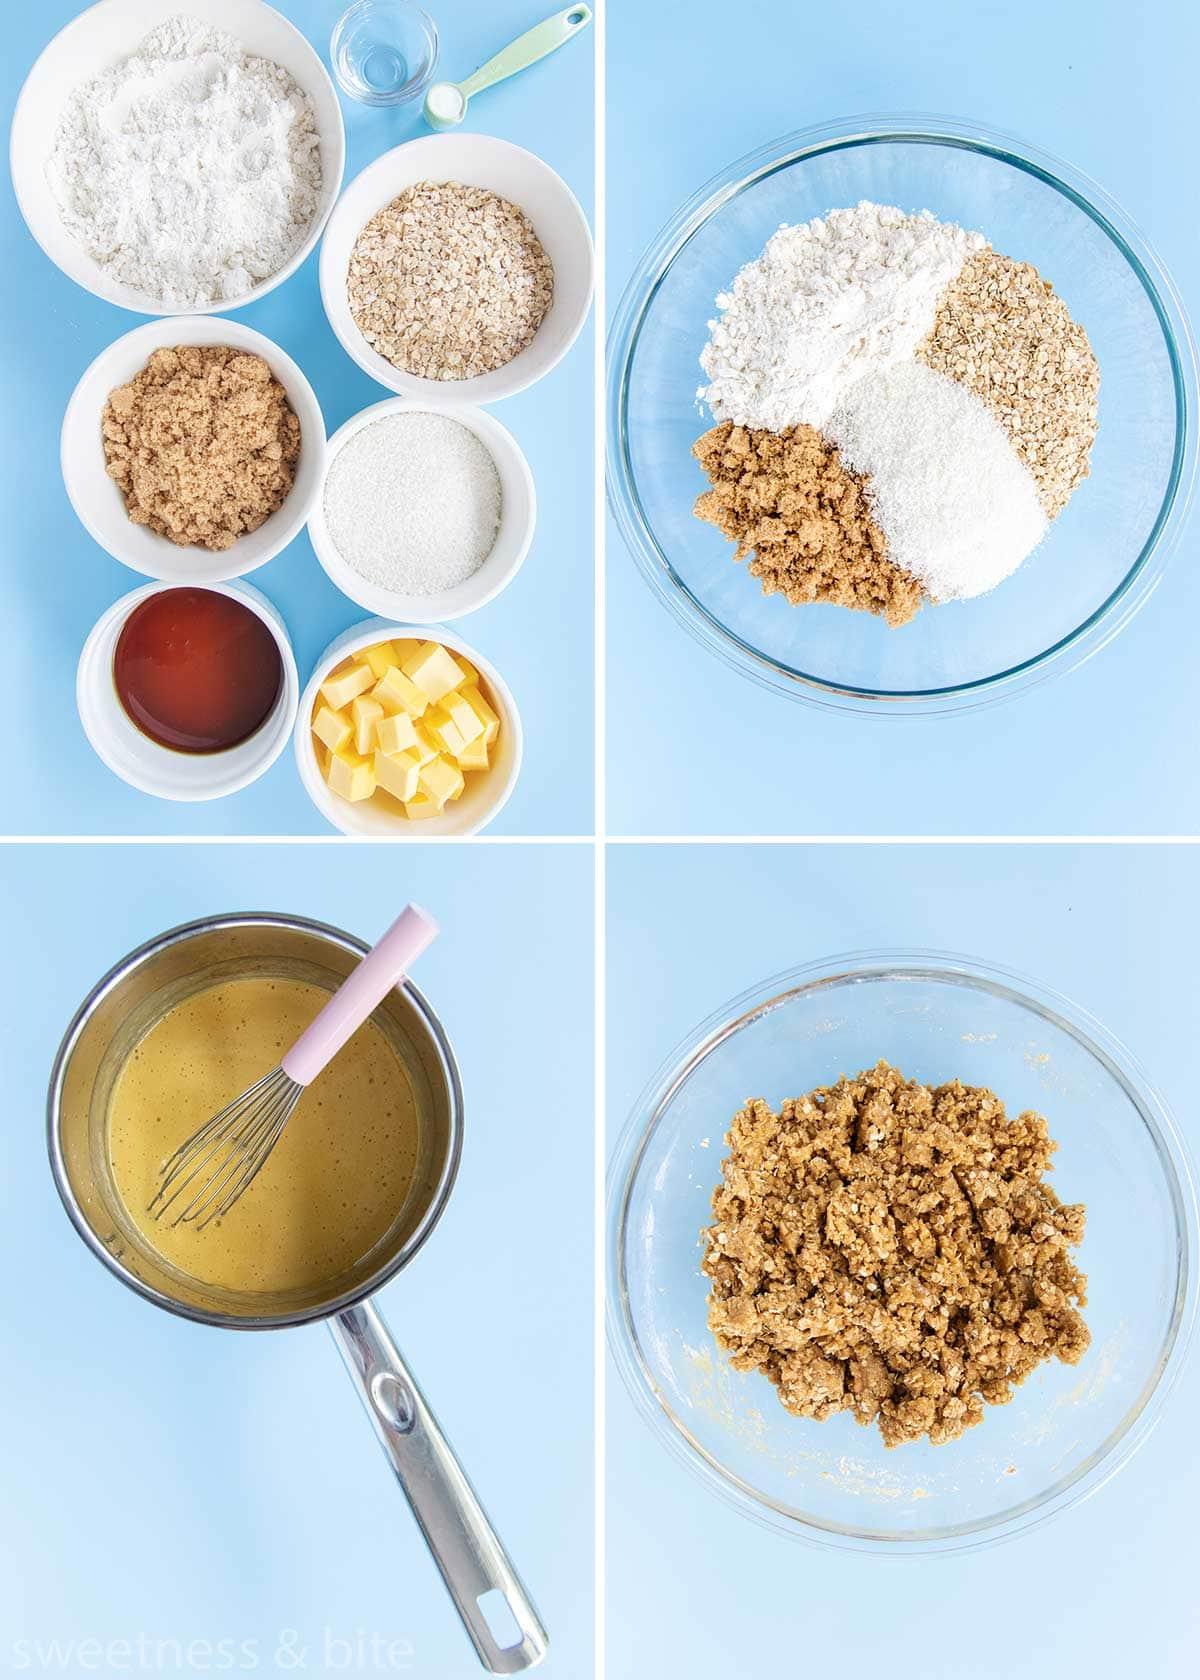 gluten free anzac biscuits ingredients